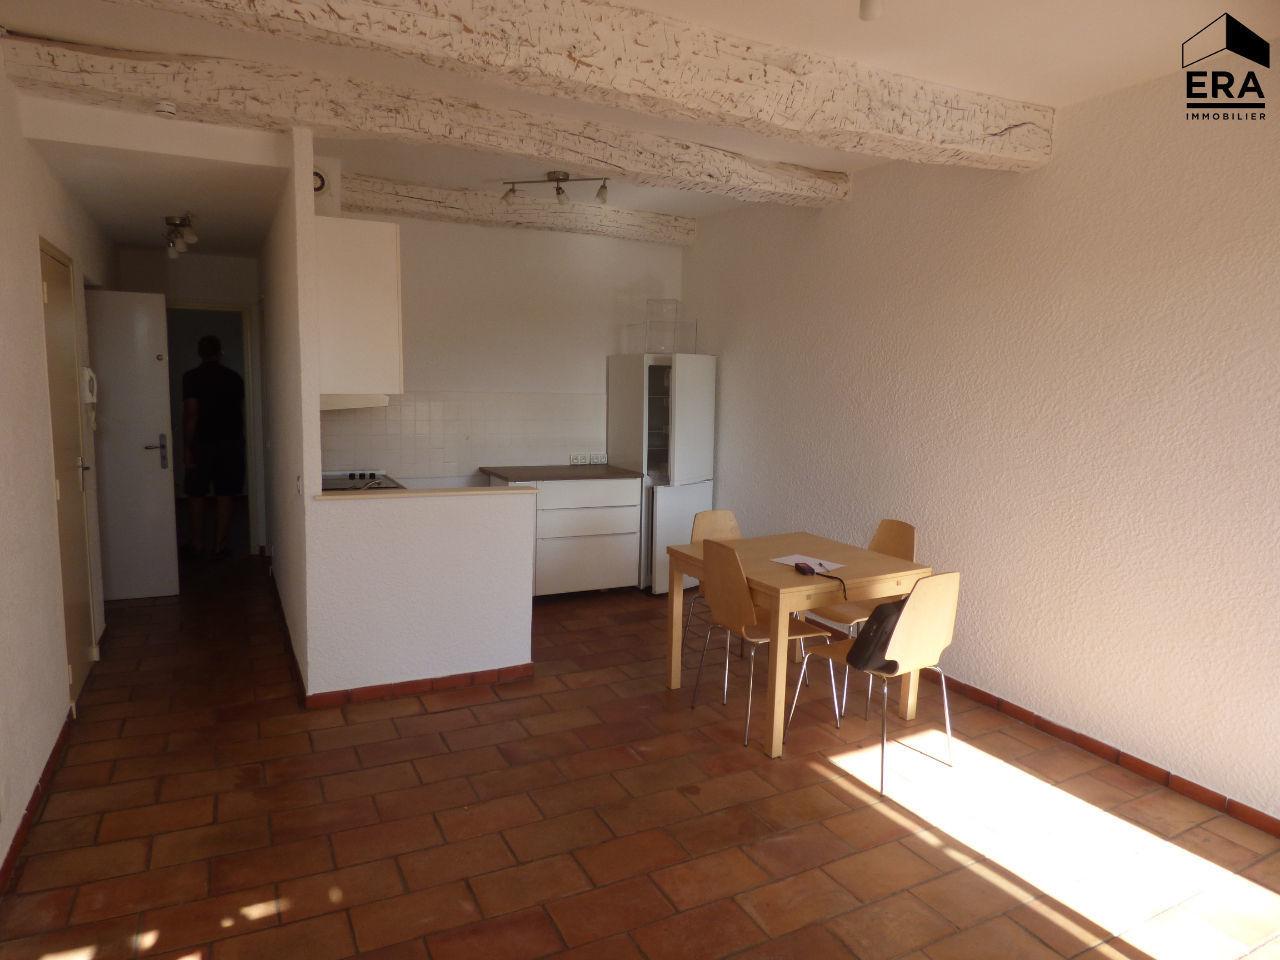 Appartement 2pièces 43m² à Cogolin